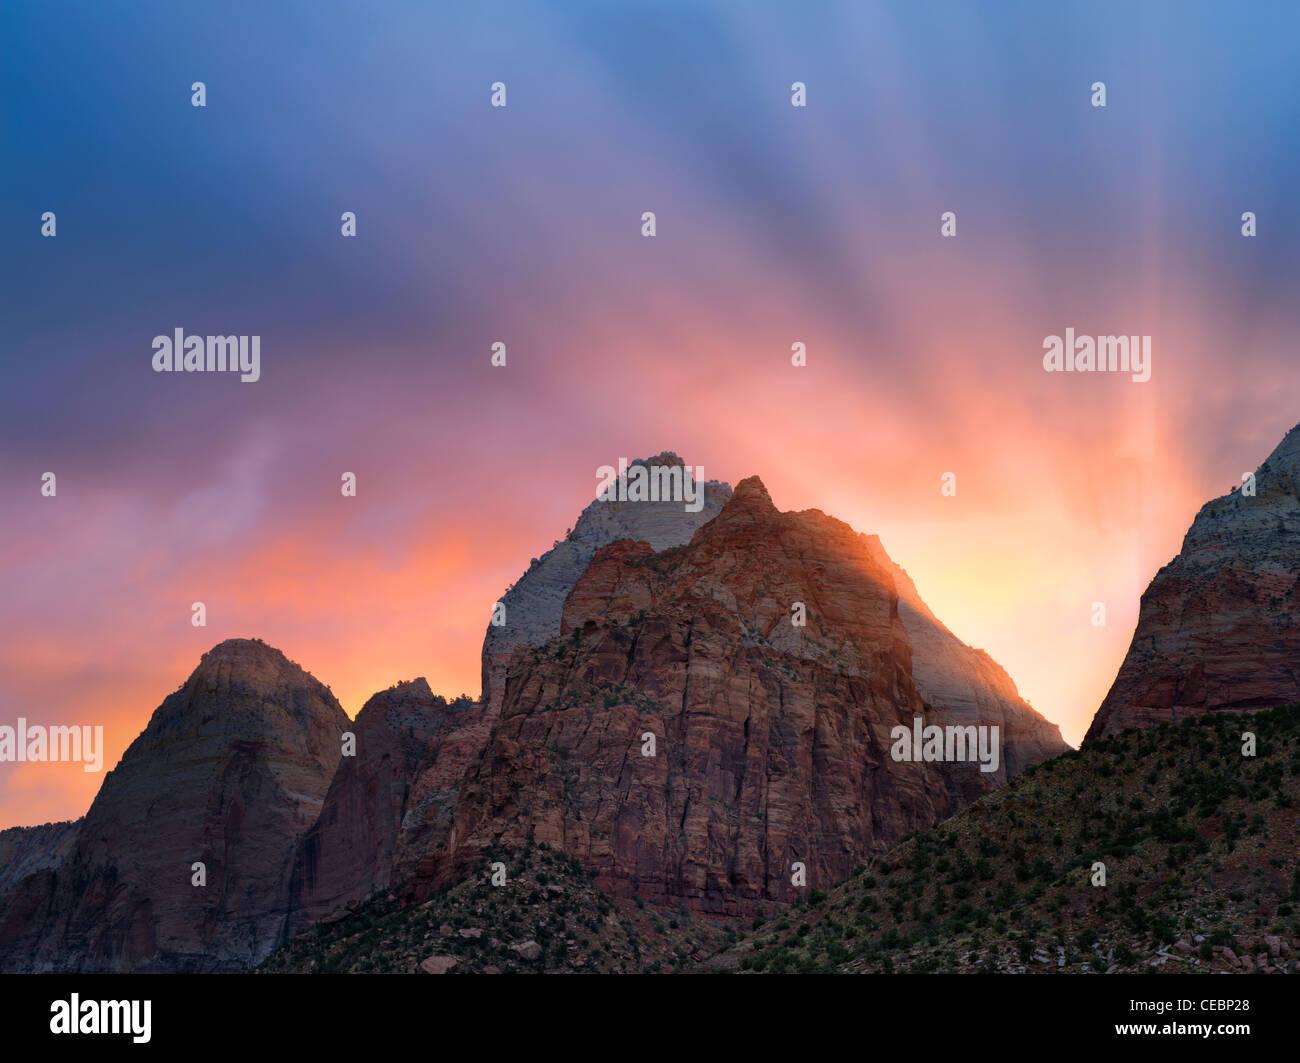 Sunrise e raggi sulle montagne. Parco Nazionale di Zion, Utah Immagini Stock